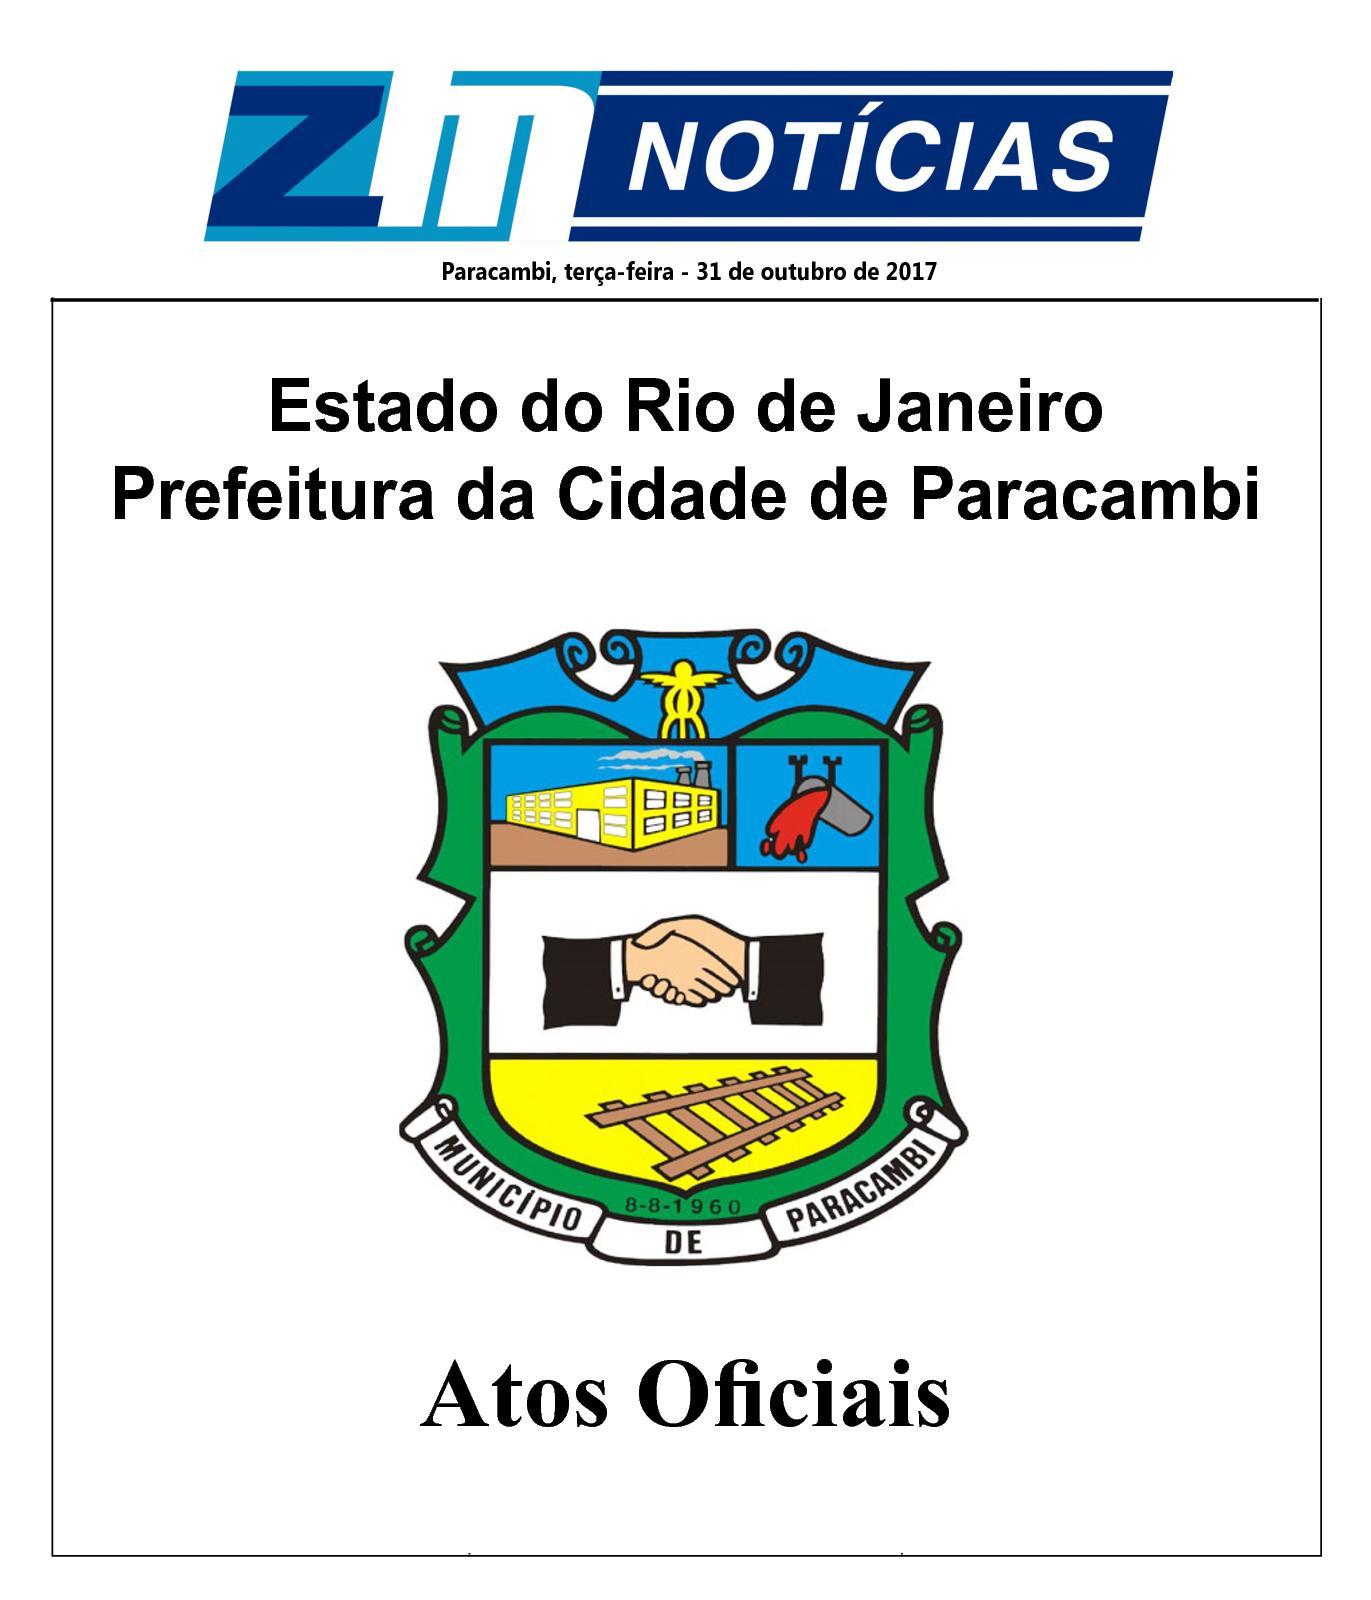 P M P Atos Oficiais 311017